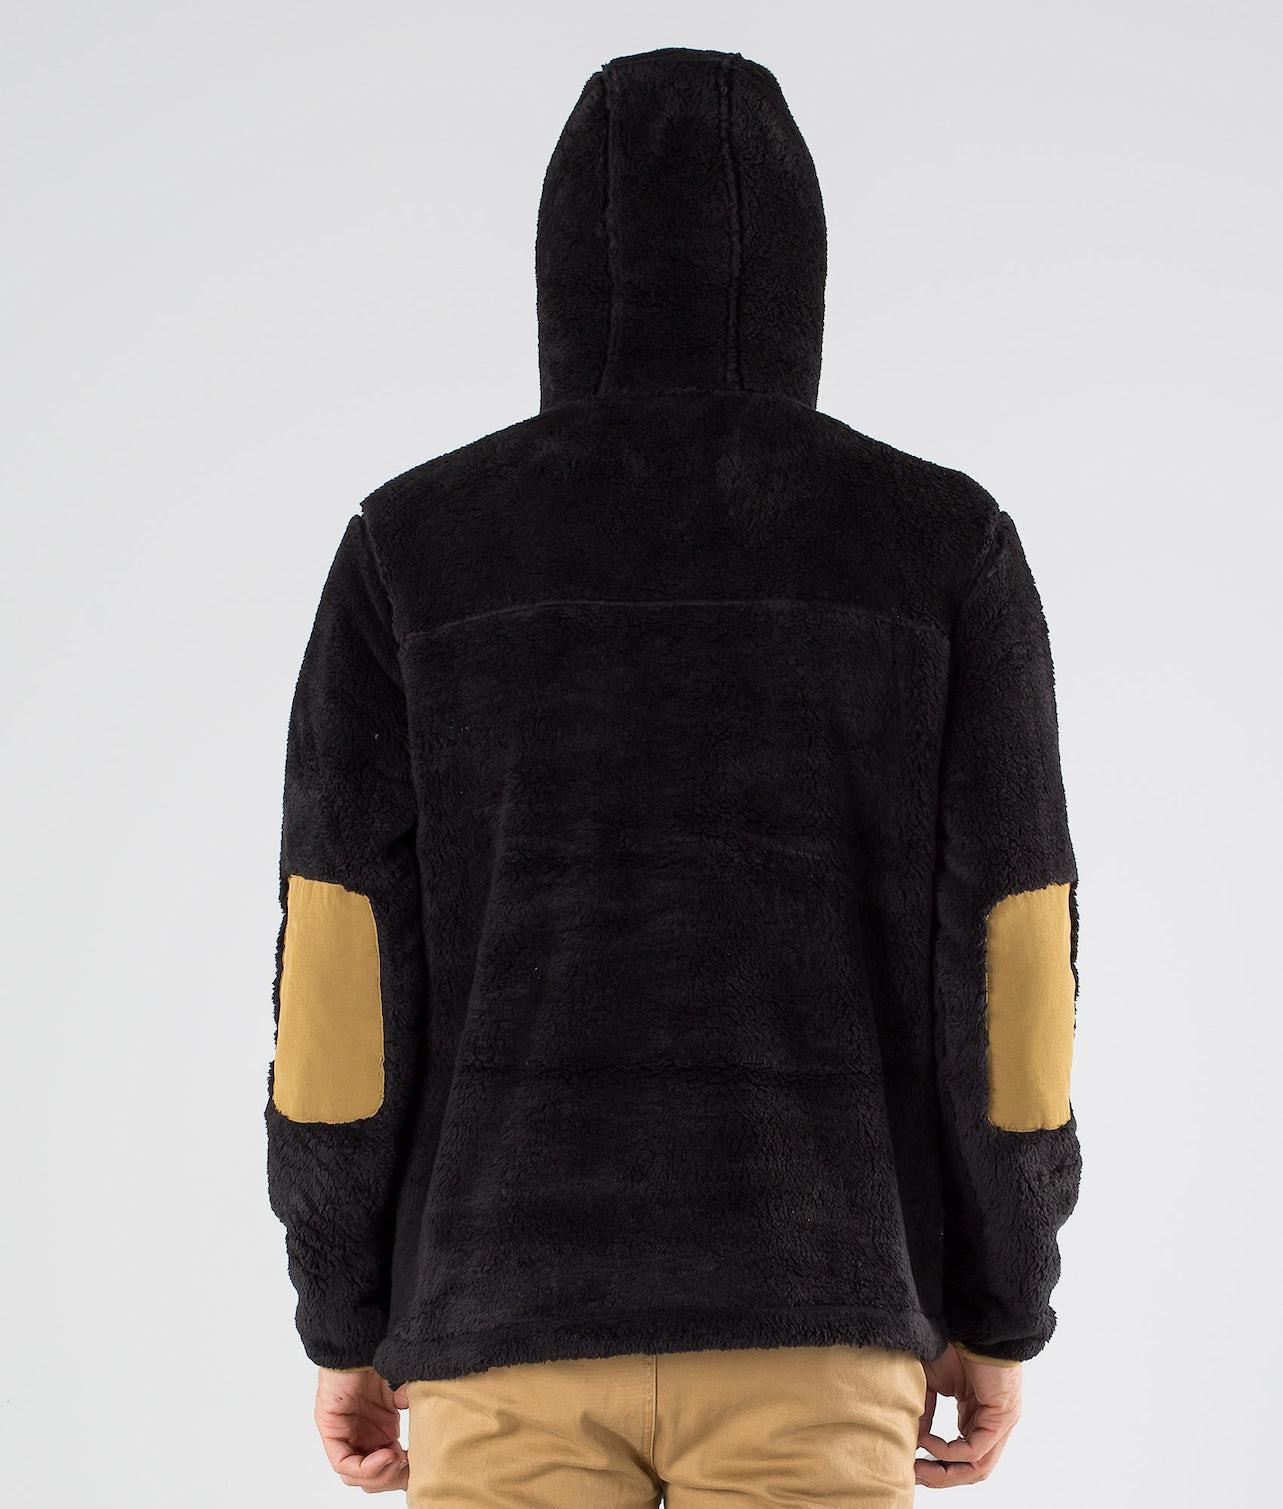 Kjøp Cmpshr Poie Hood fra The North Face på Ridestore.no - Hos oss har du alltid fri frakt, fri retur og 30 dagers åpent kjøp!